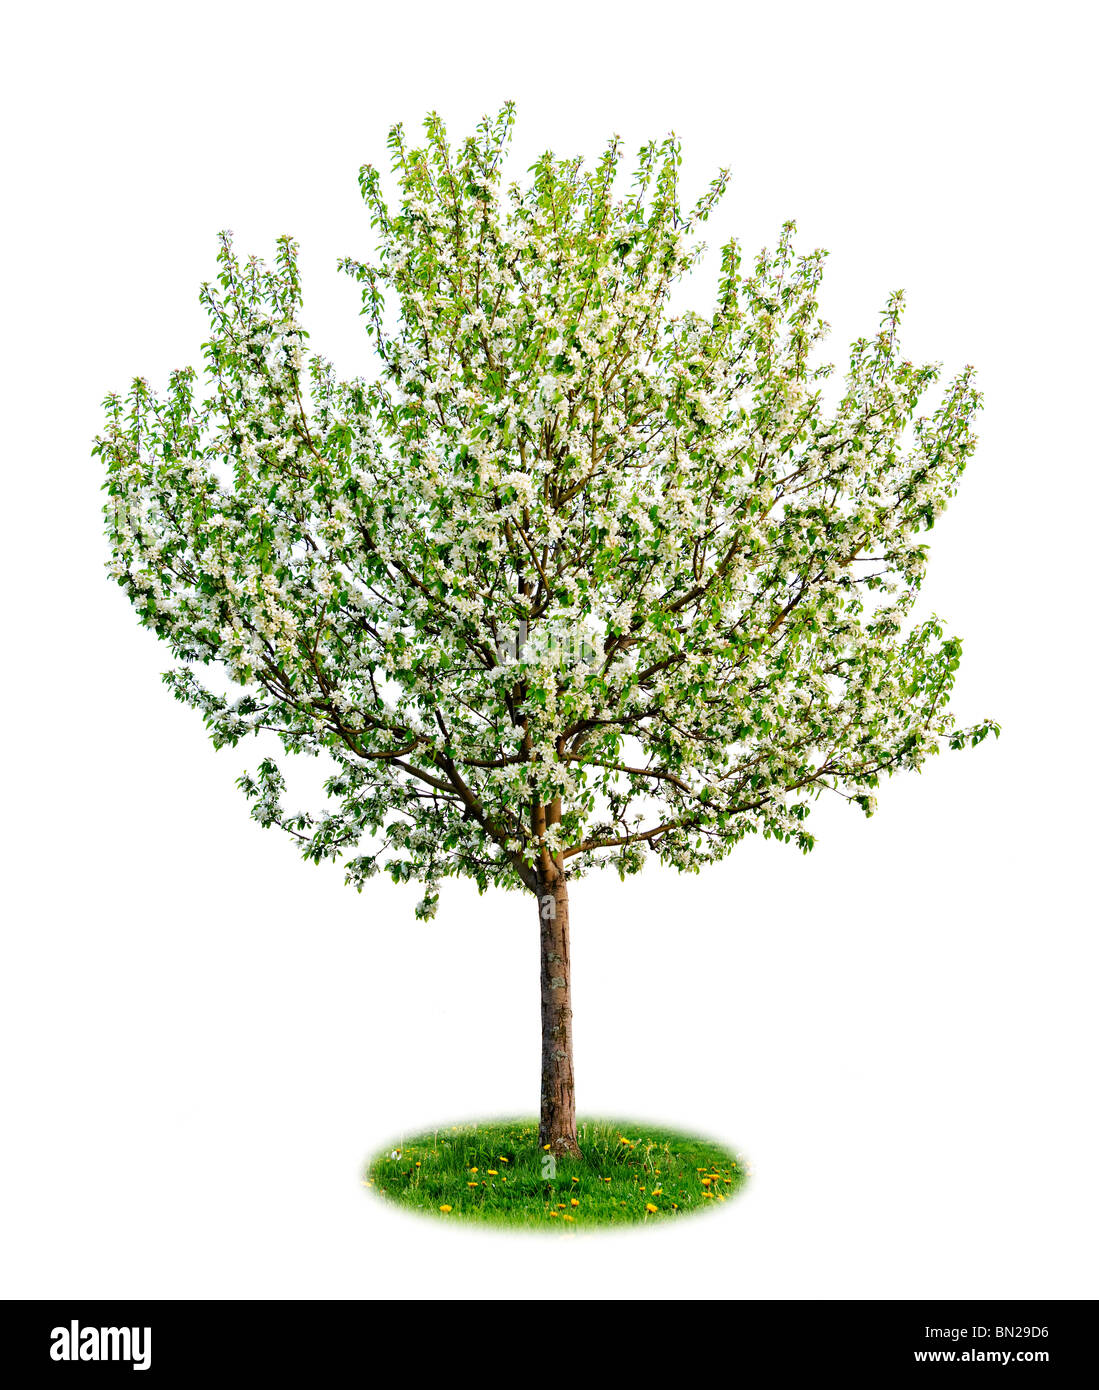 Unica fioritura giovani melo in primavera isolato su sfondo bianco Immagini Stock